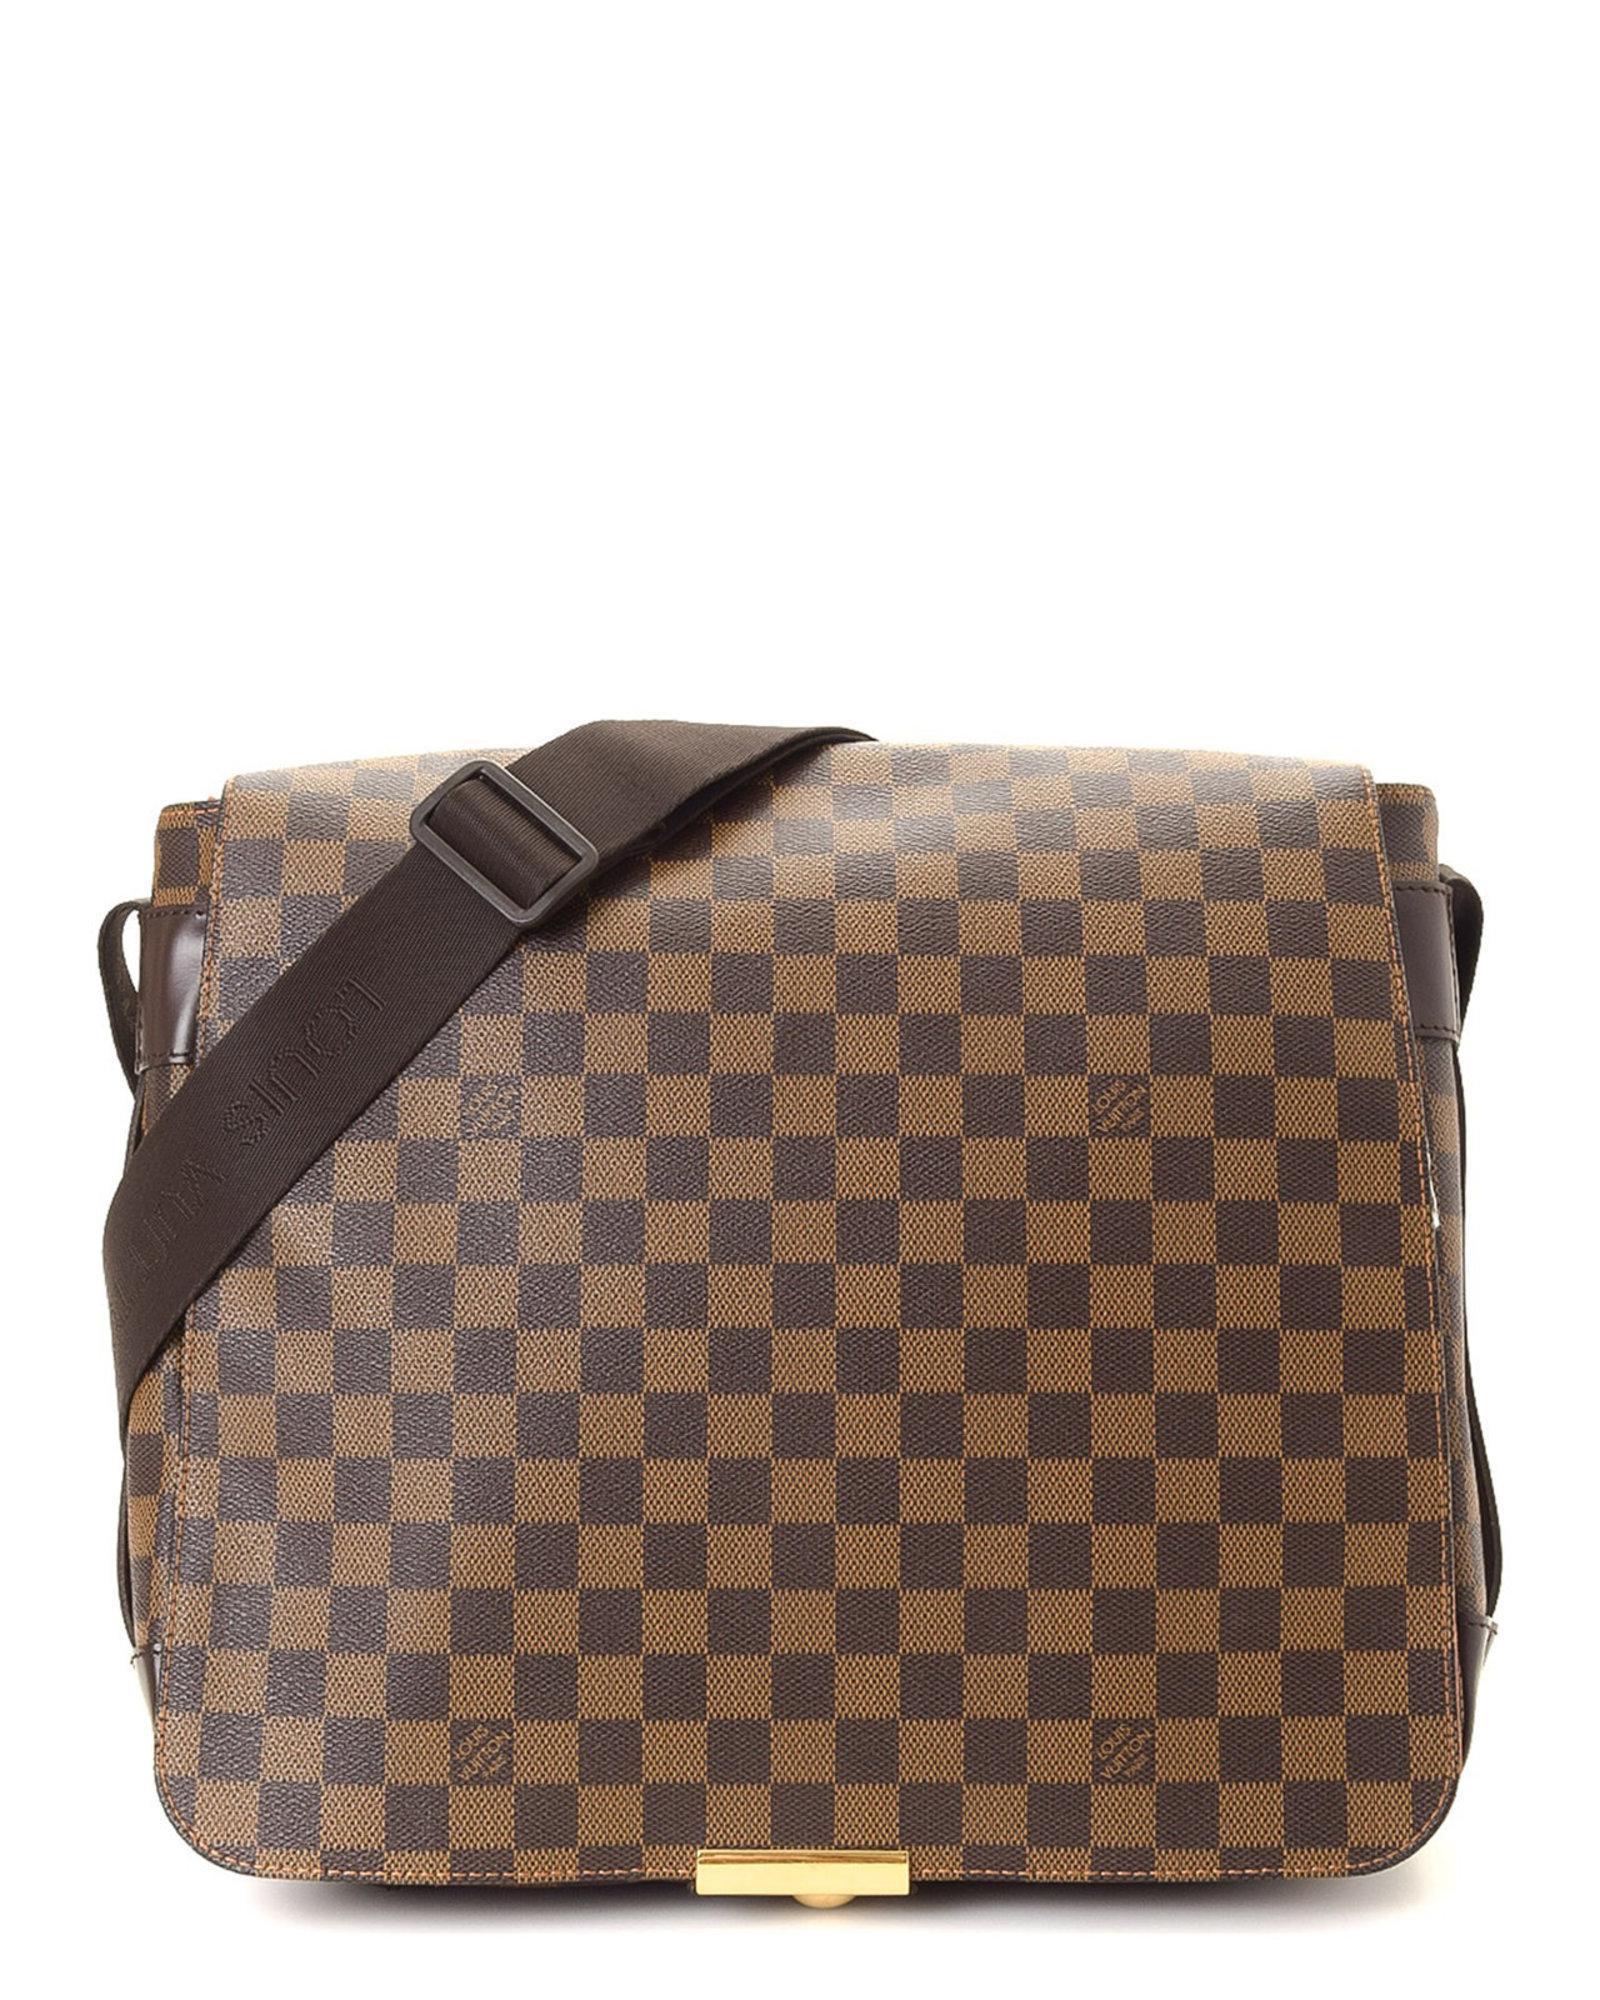 79cd8b414e50 Lyst - Louis Vuitton Bastille Damier Ebene Messenger Bag - Vintage ...